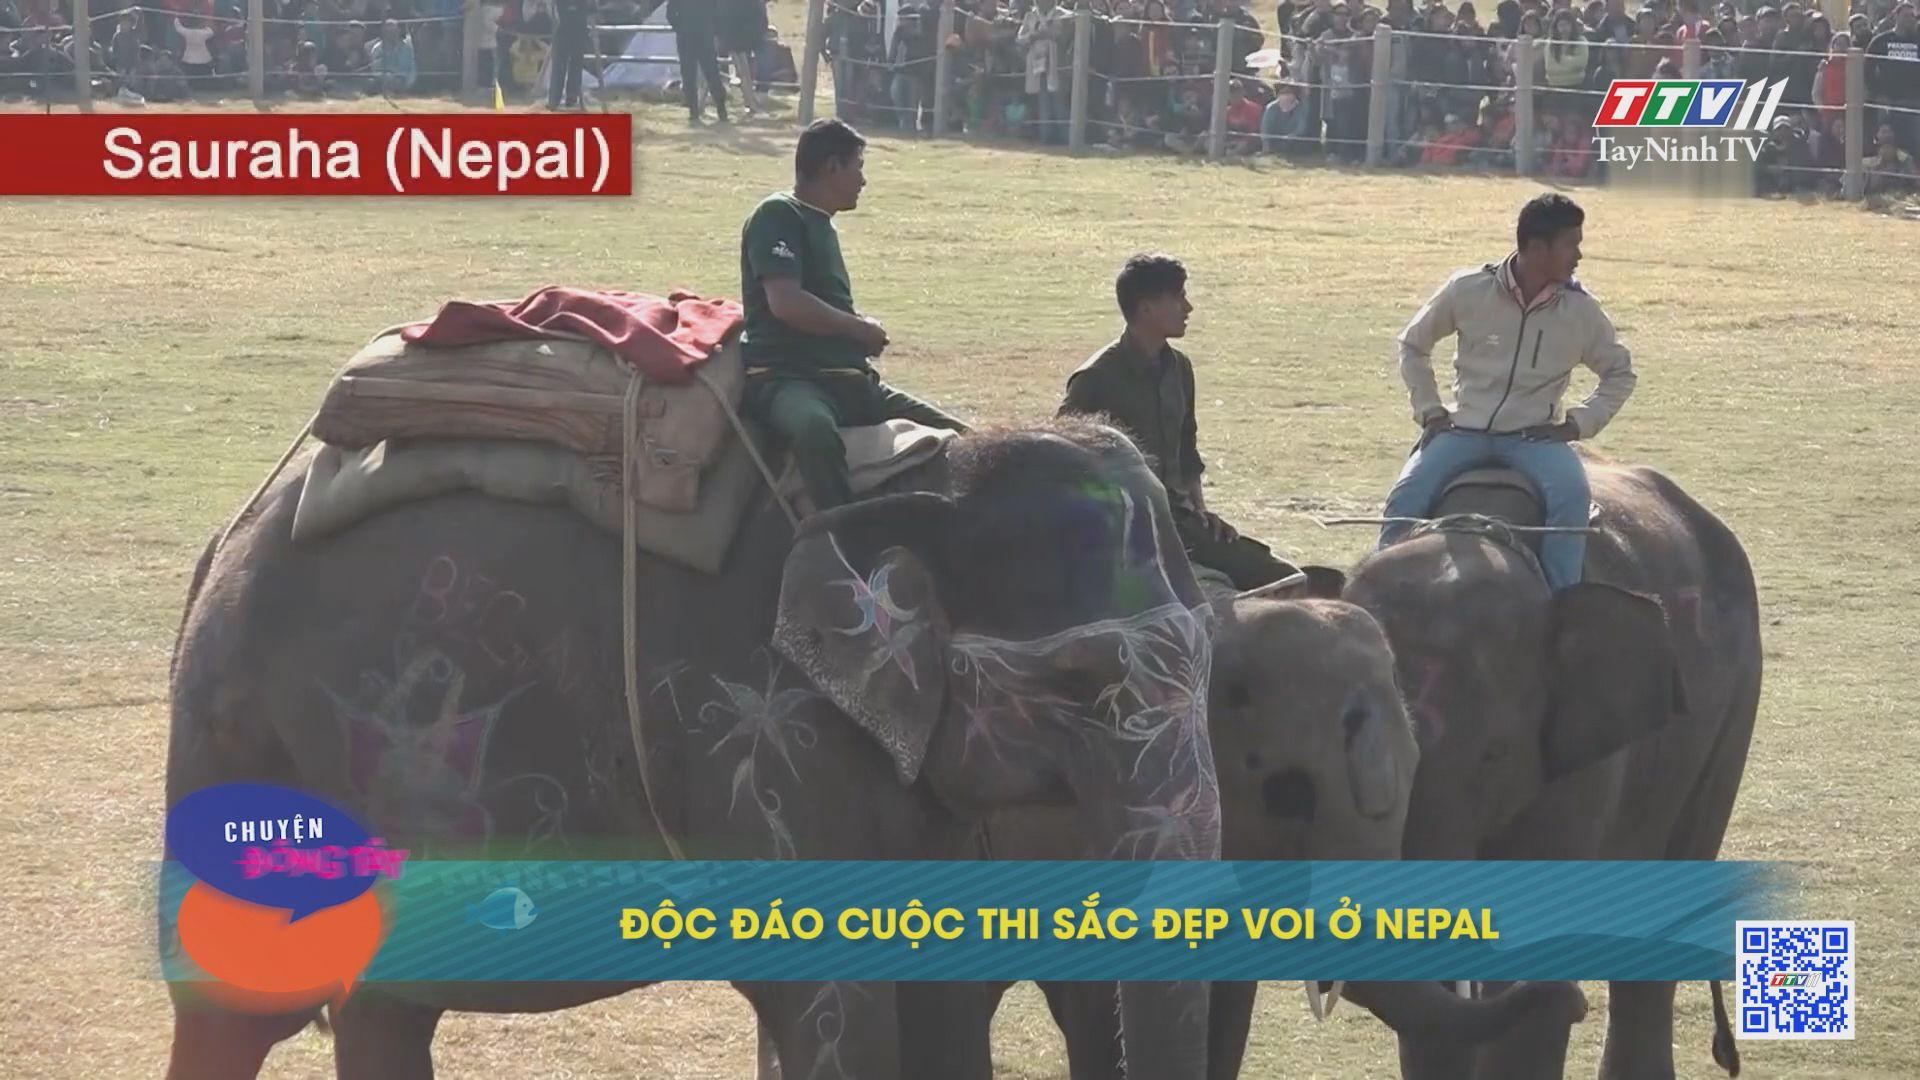 Độc đáo cuộc thi sắc đẹp voi ở Nepal   CHUYỆN ĐÔNG TÂY KỲ THÚ   TayNinhTVE